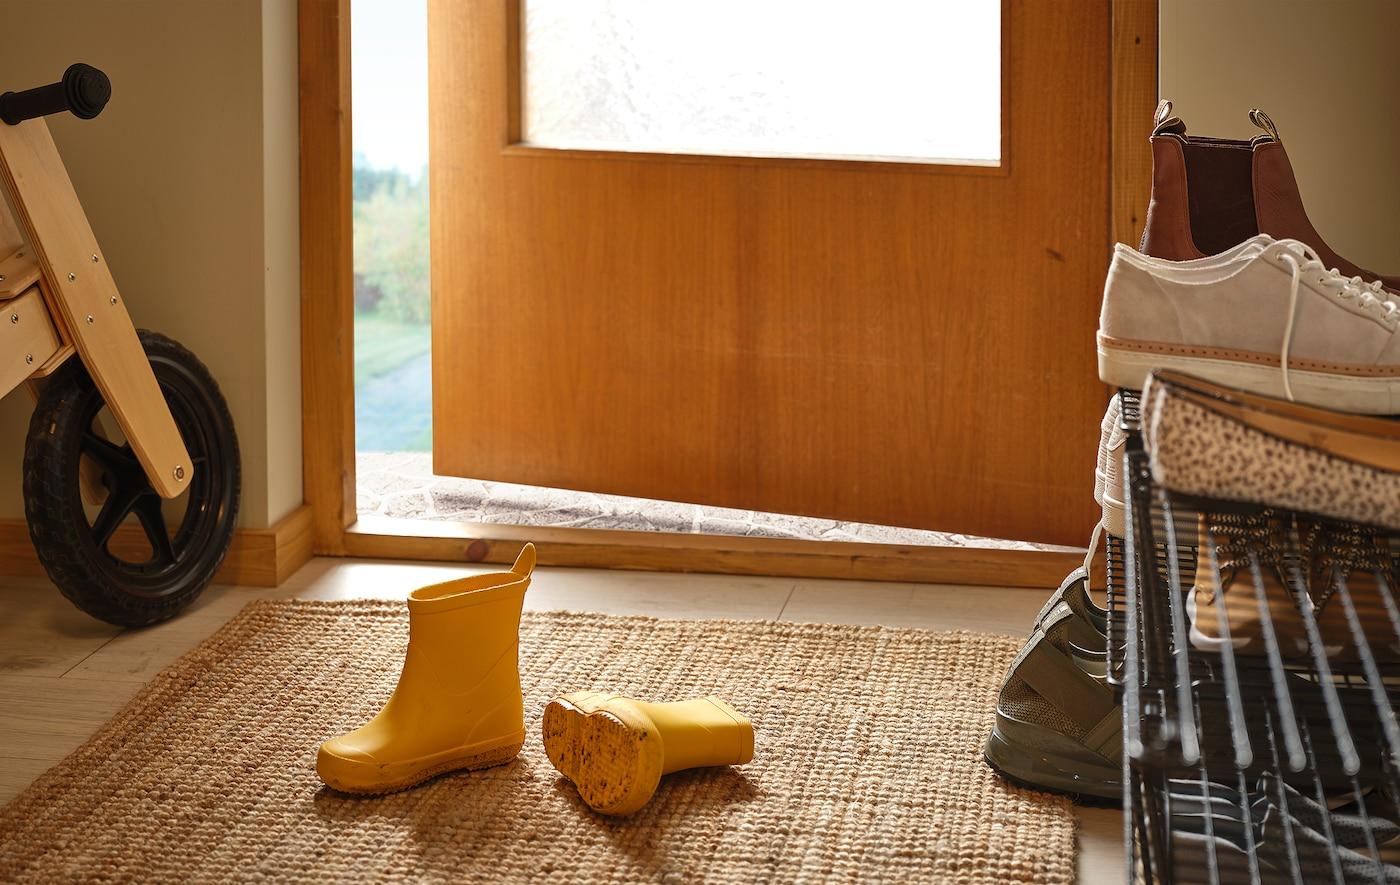 مدخل به بوتات أطوال مطاطية طويلة على سجادة، ورف أحذية ممتلئ على الجنب، ودراجة أطفال خشبية بمحاذاة الحائط.